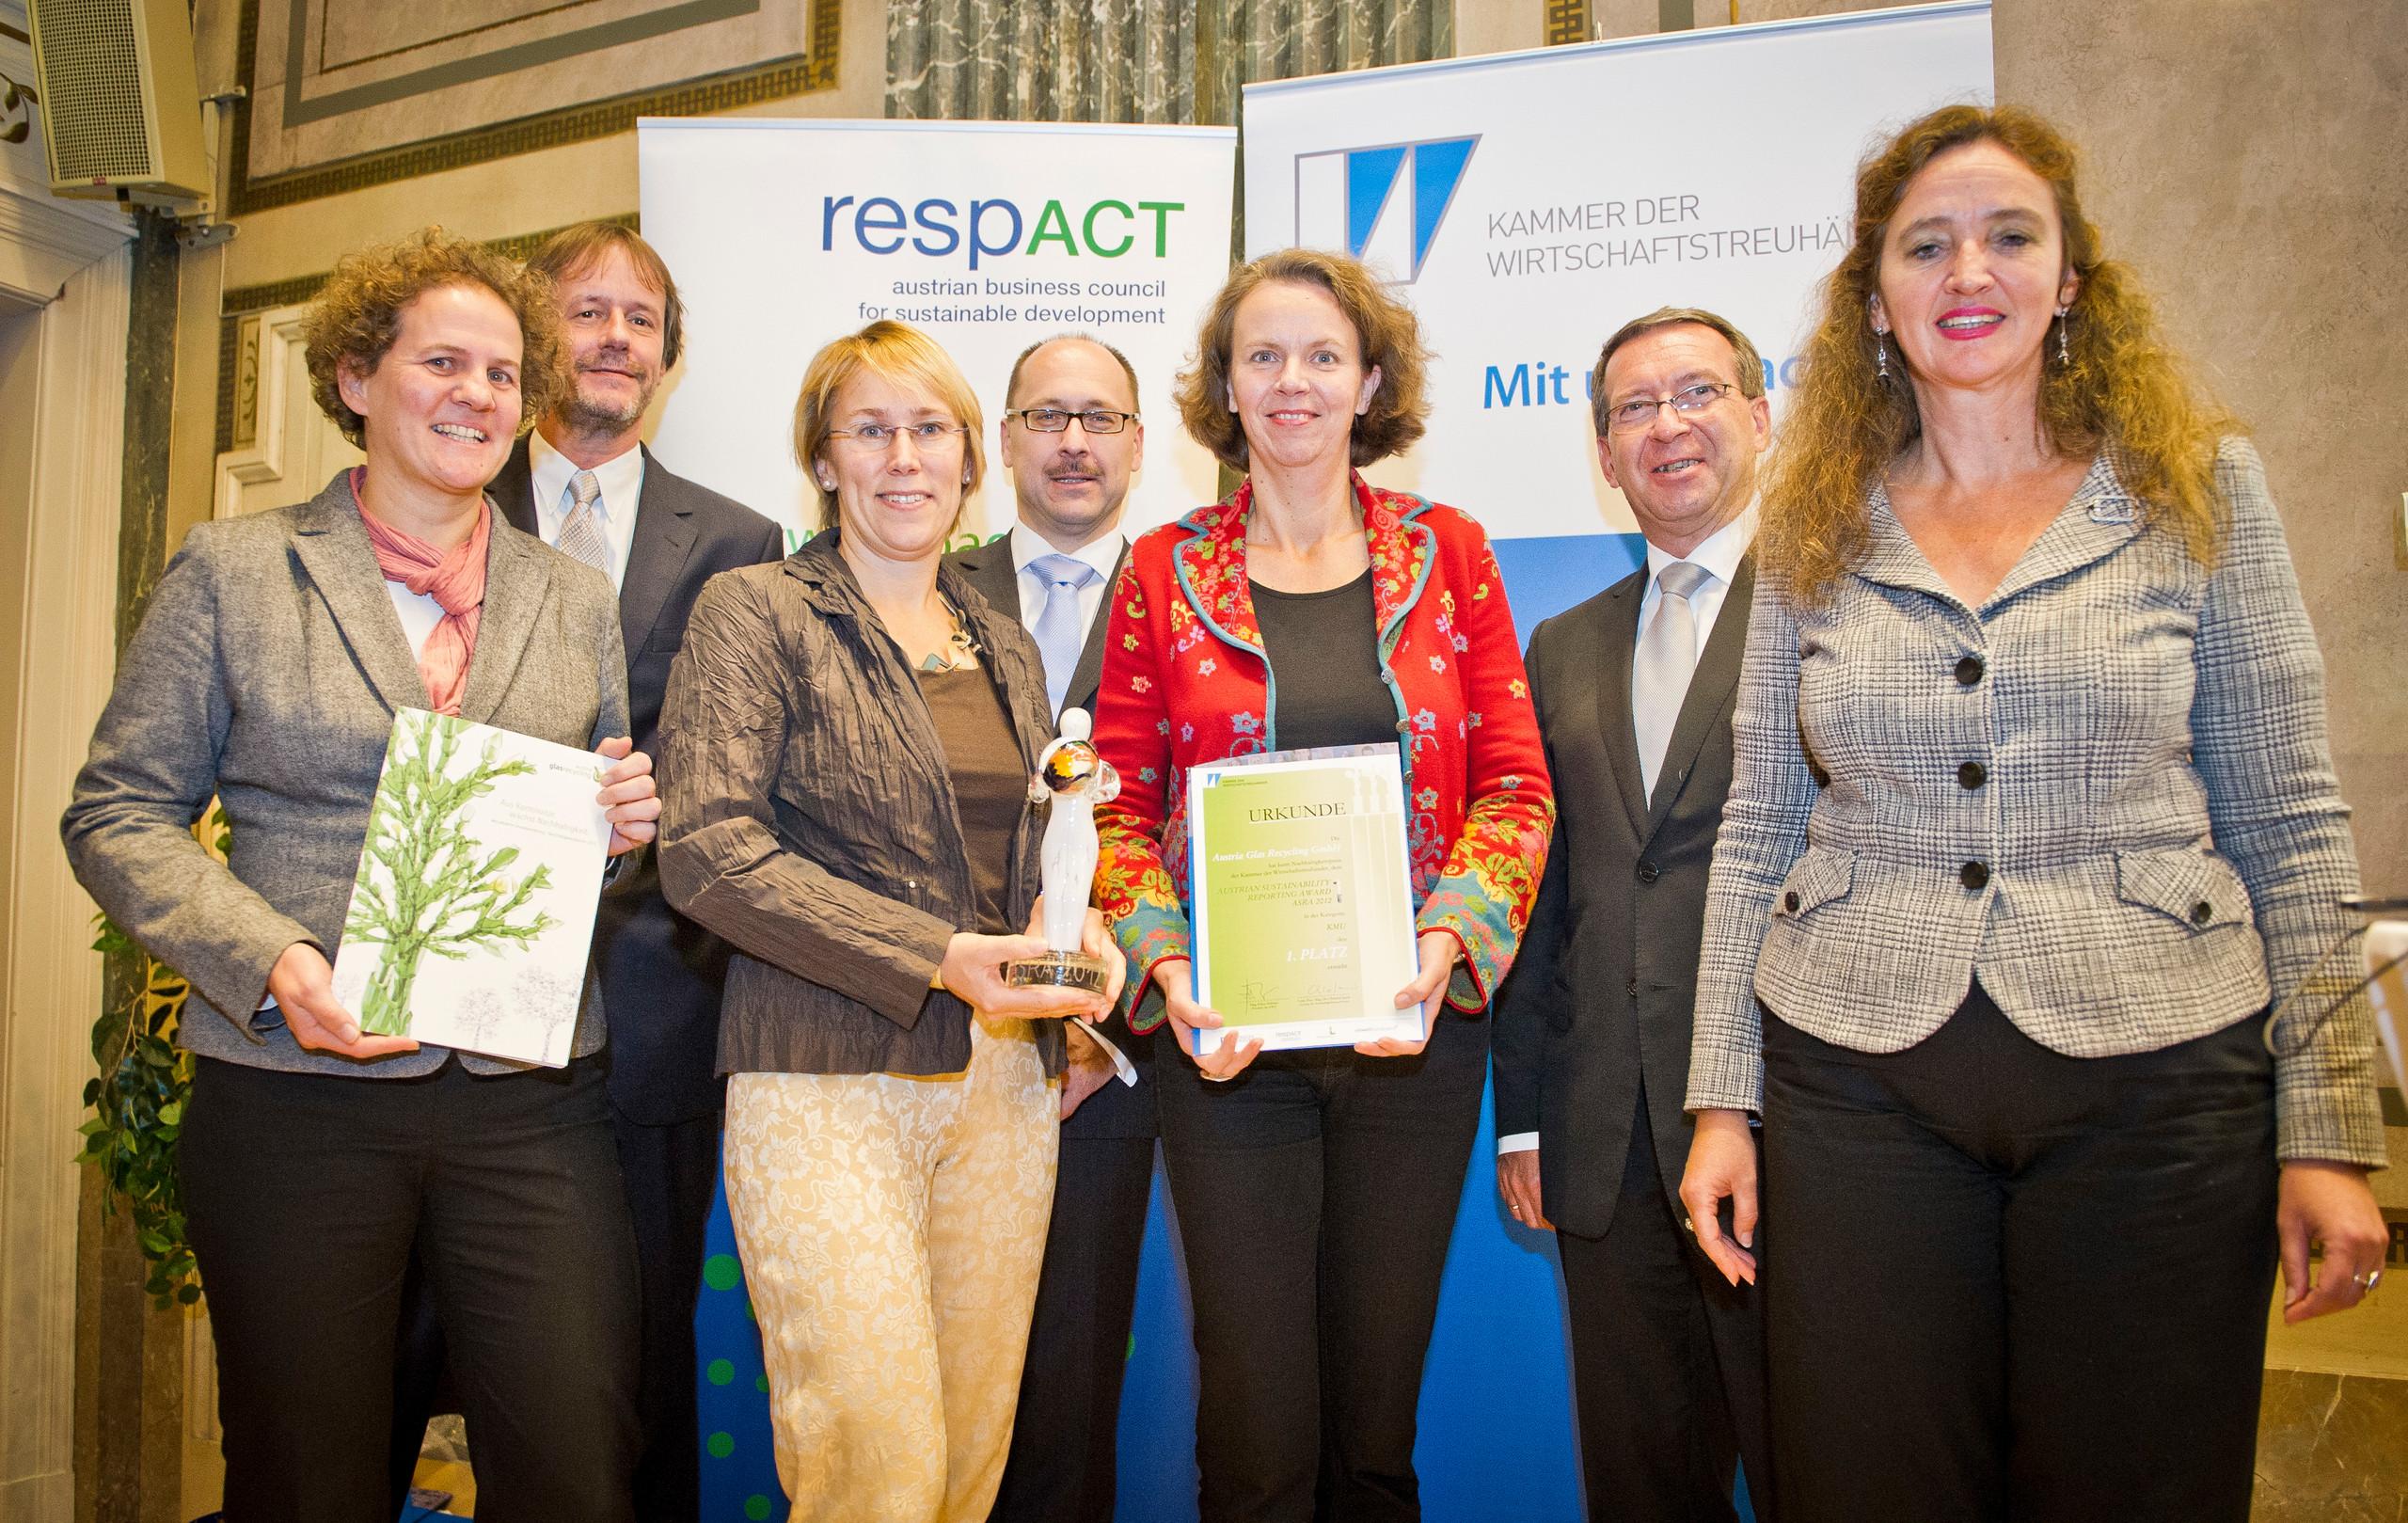 ASRA 2010 für Austria Glas Recycling, v.l.n.r.: Dr. Wolfram Tertschnig/Lebensministerium, Monika Piber-Maslo/AGR, KR Mag. Helmut Puffer/Vizepräsident der Kammer der Wirtschaftstreuhänder, Sabine Czopka-Pistora/AGR, Dr. Christine Jasch/Jury-Vorsitzende